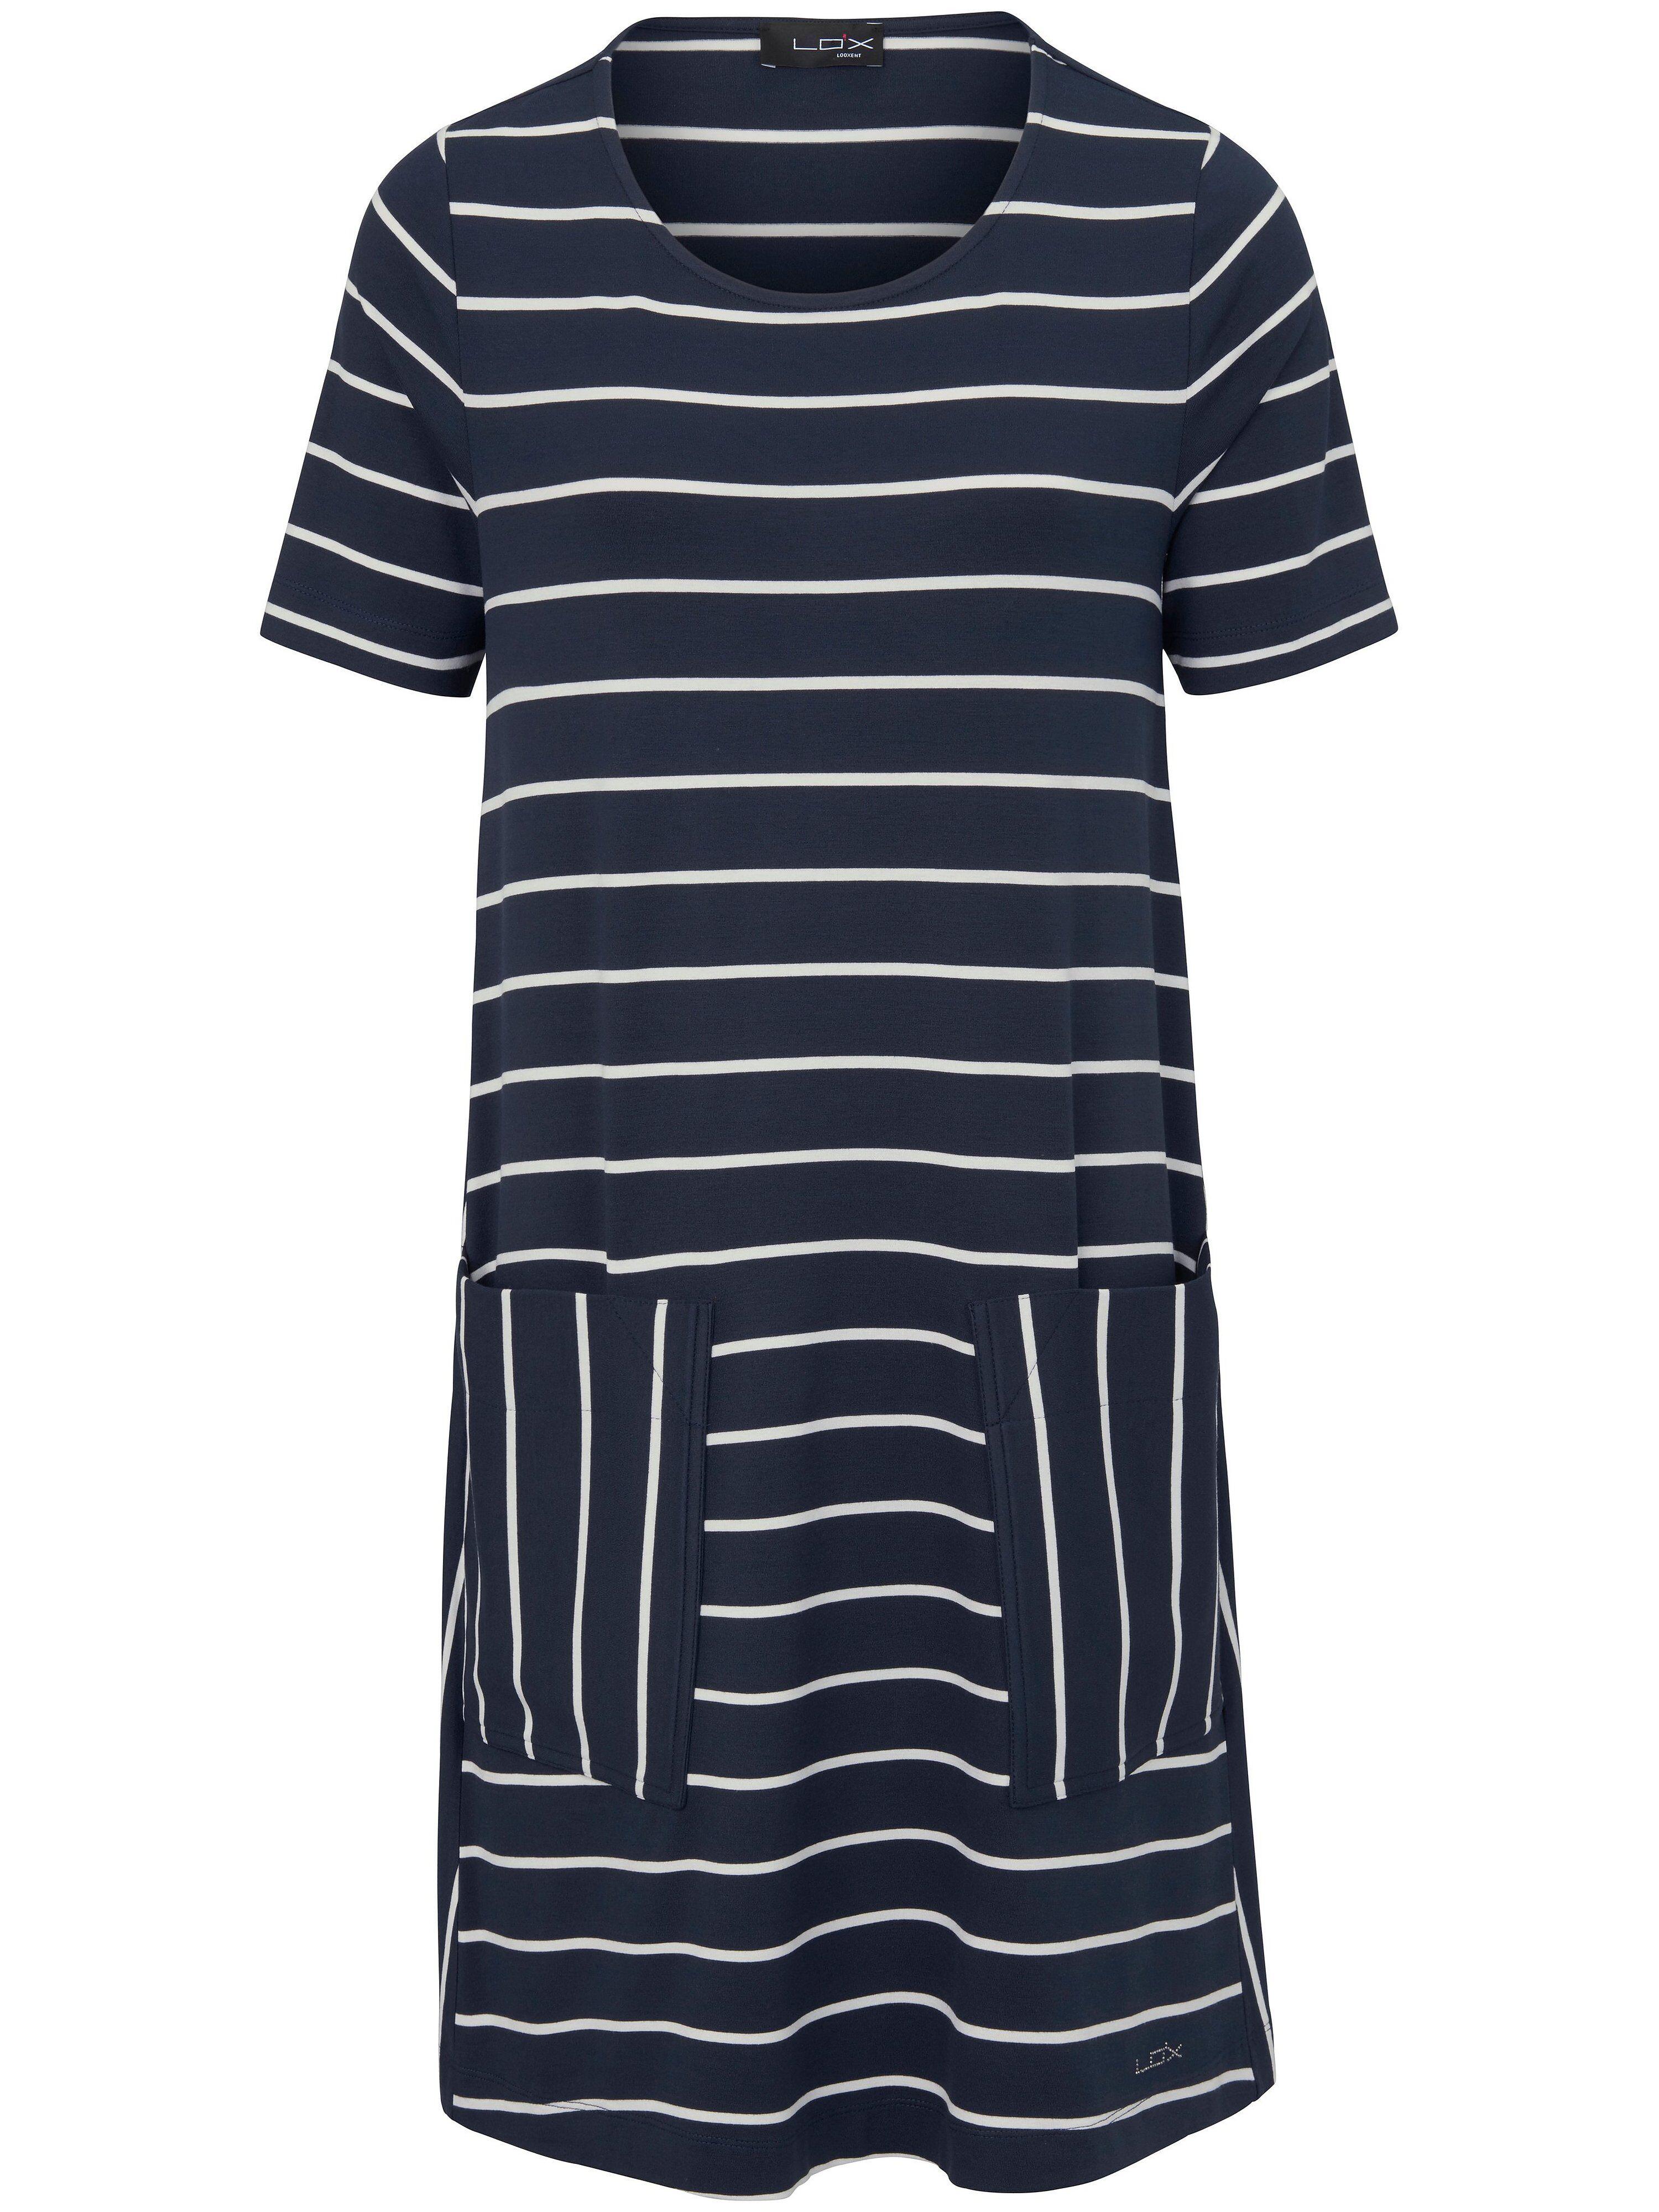 Looxent La robe en jersey, ligne évasée  Looxent bleu  - Femme - 38